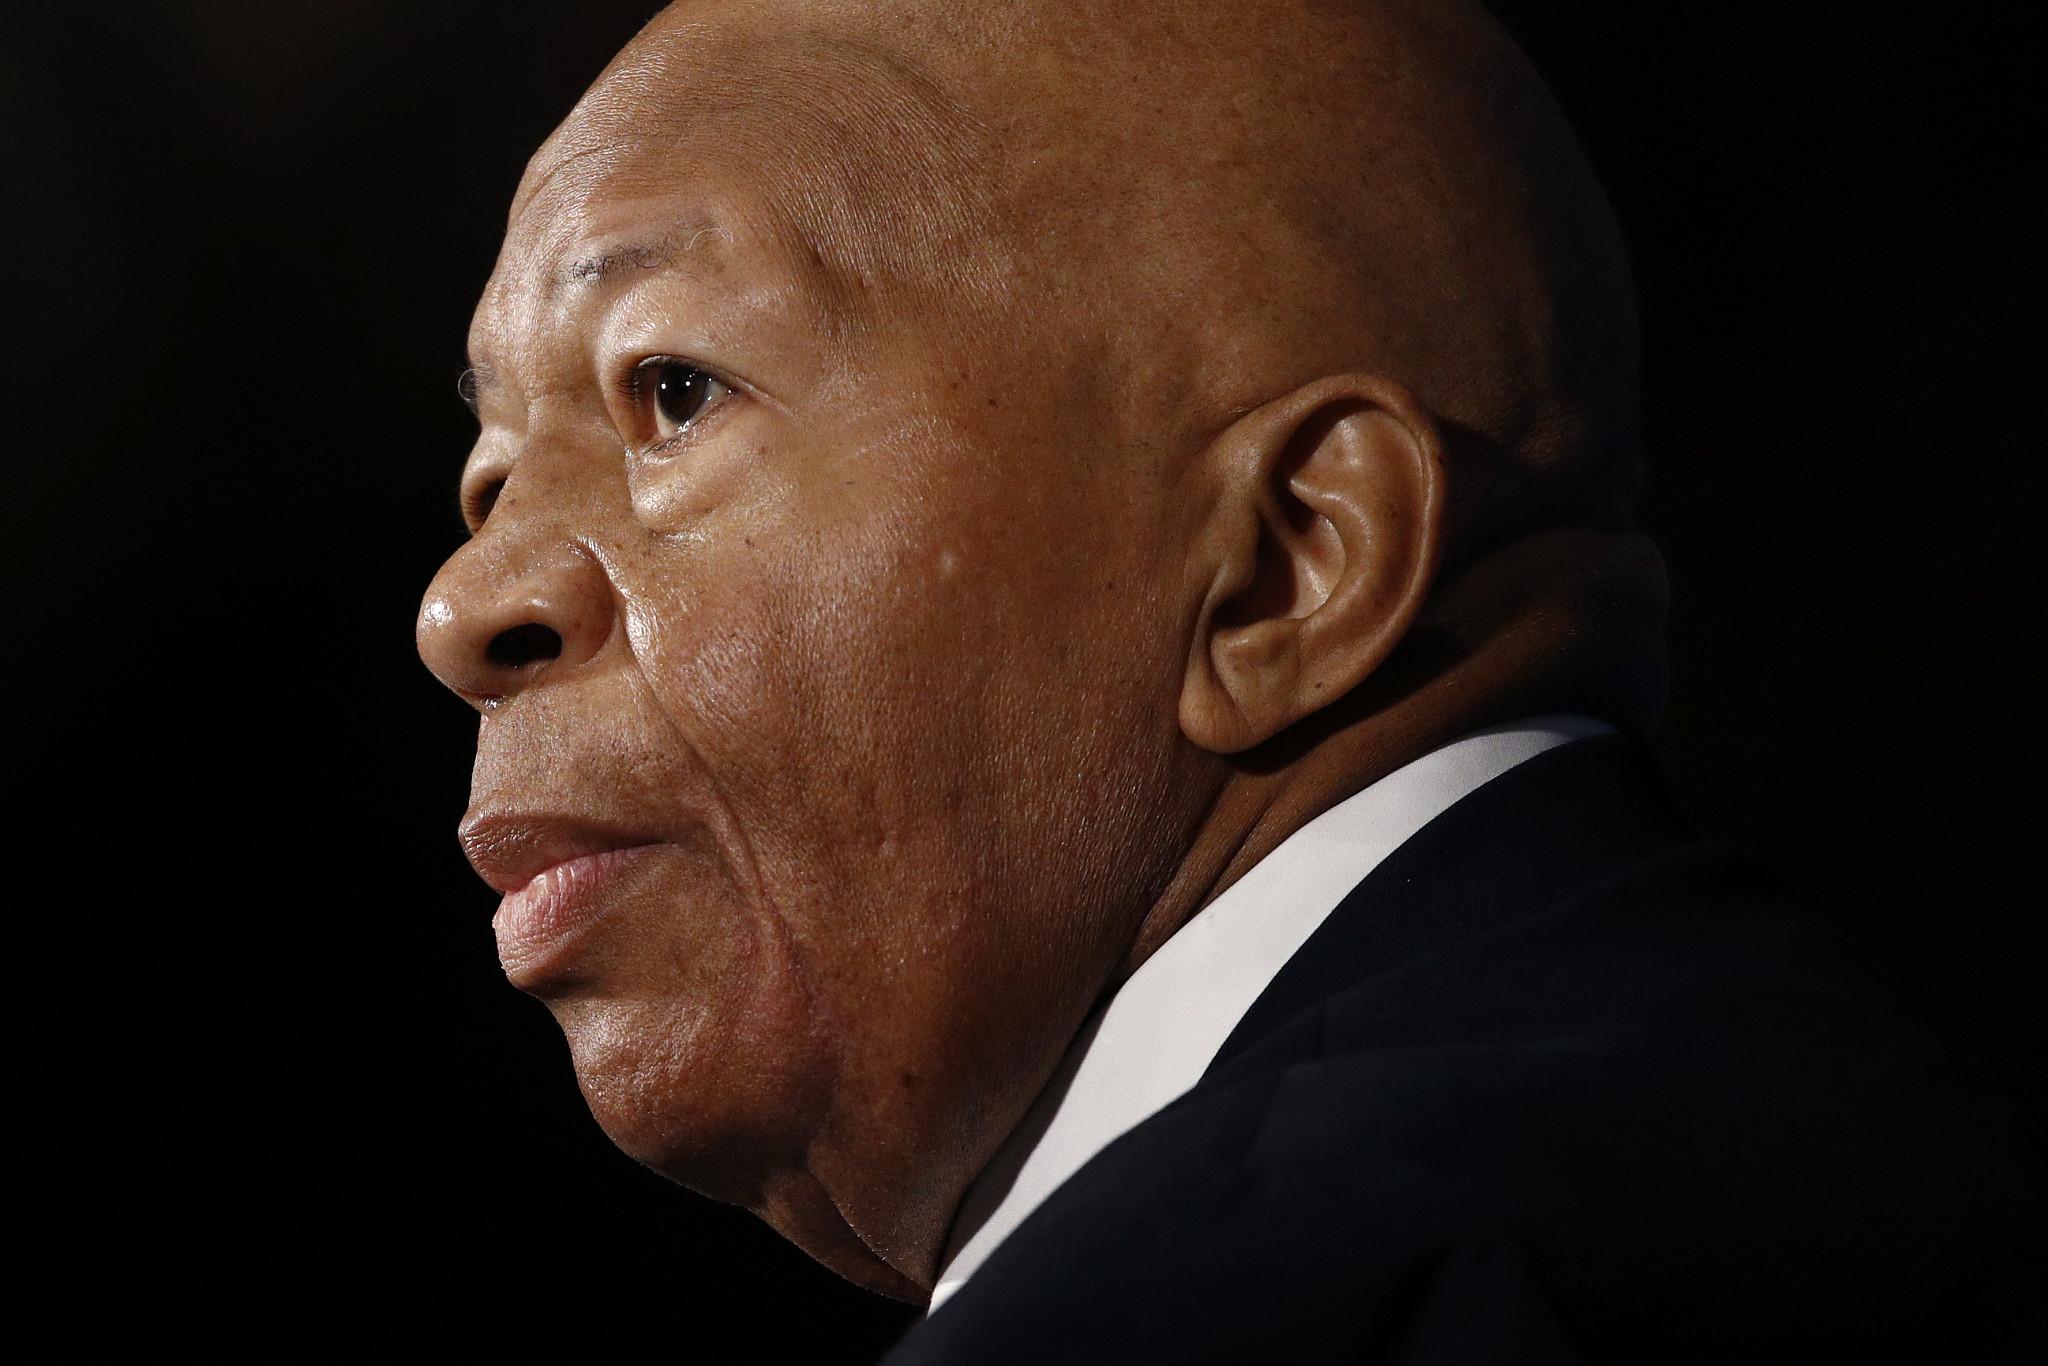 Rep. Elijah Cummings, Key Figure in Trump Impeachment Inquiry, Dies at 68